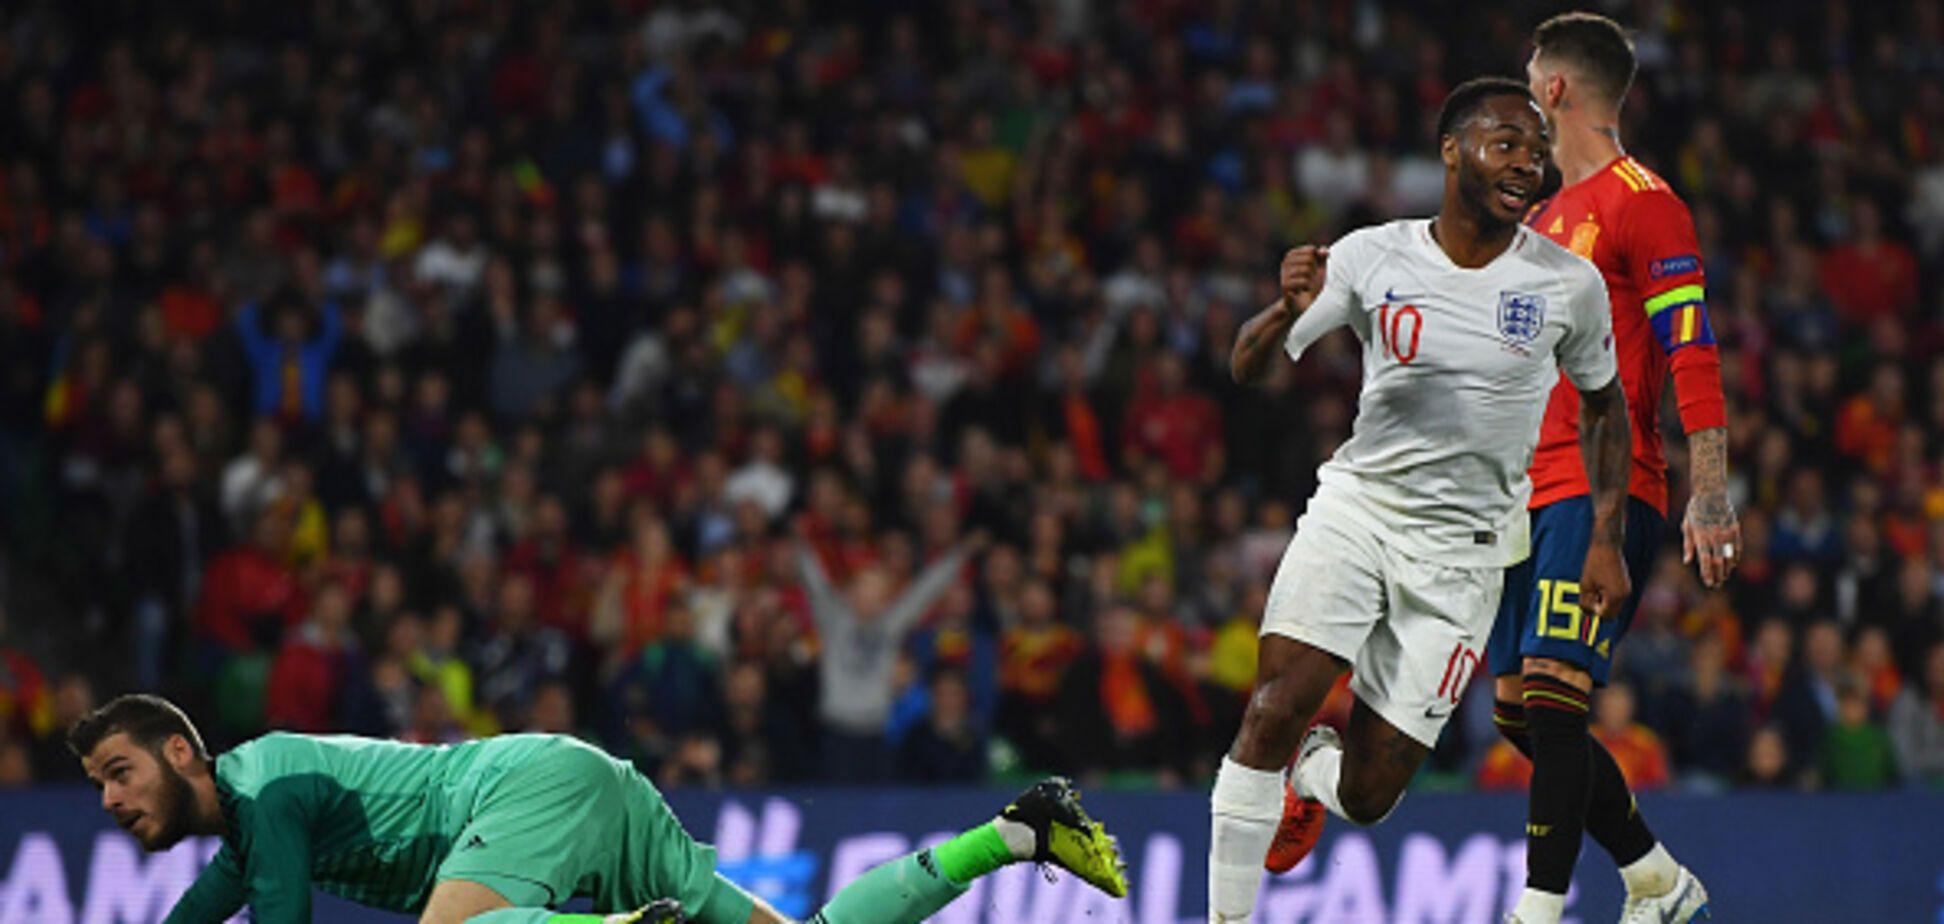 Матч Іспанія — Англія завершився грандіозною сенсацією